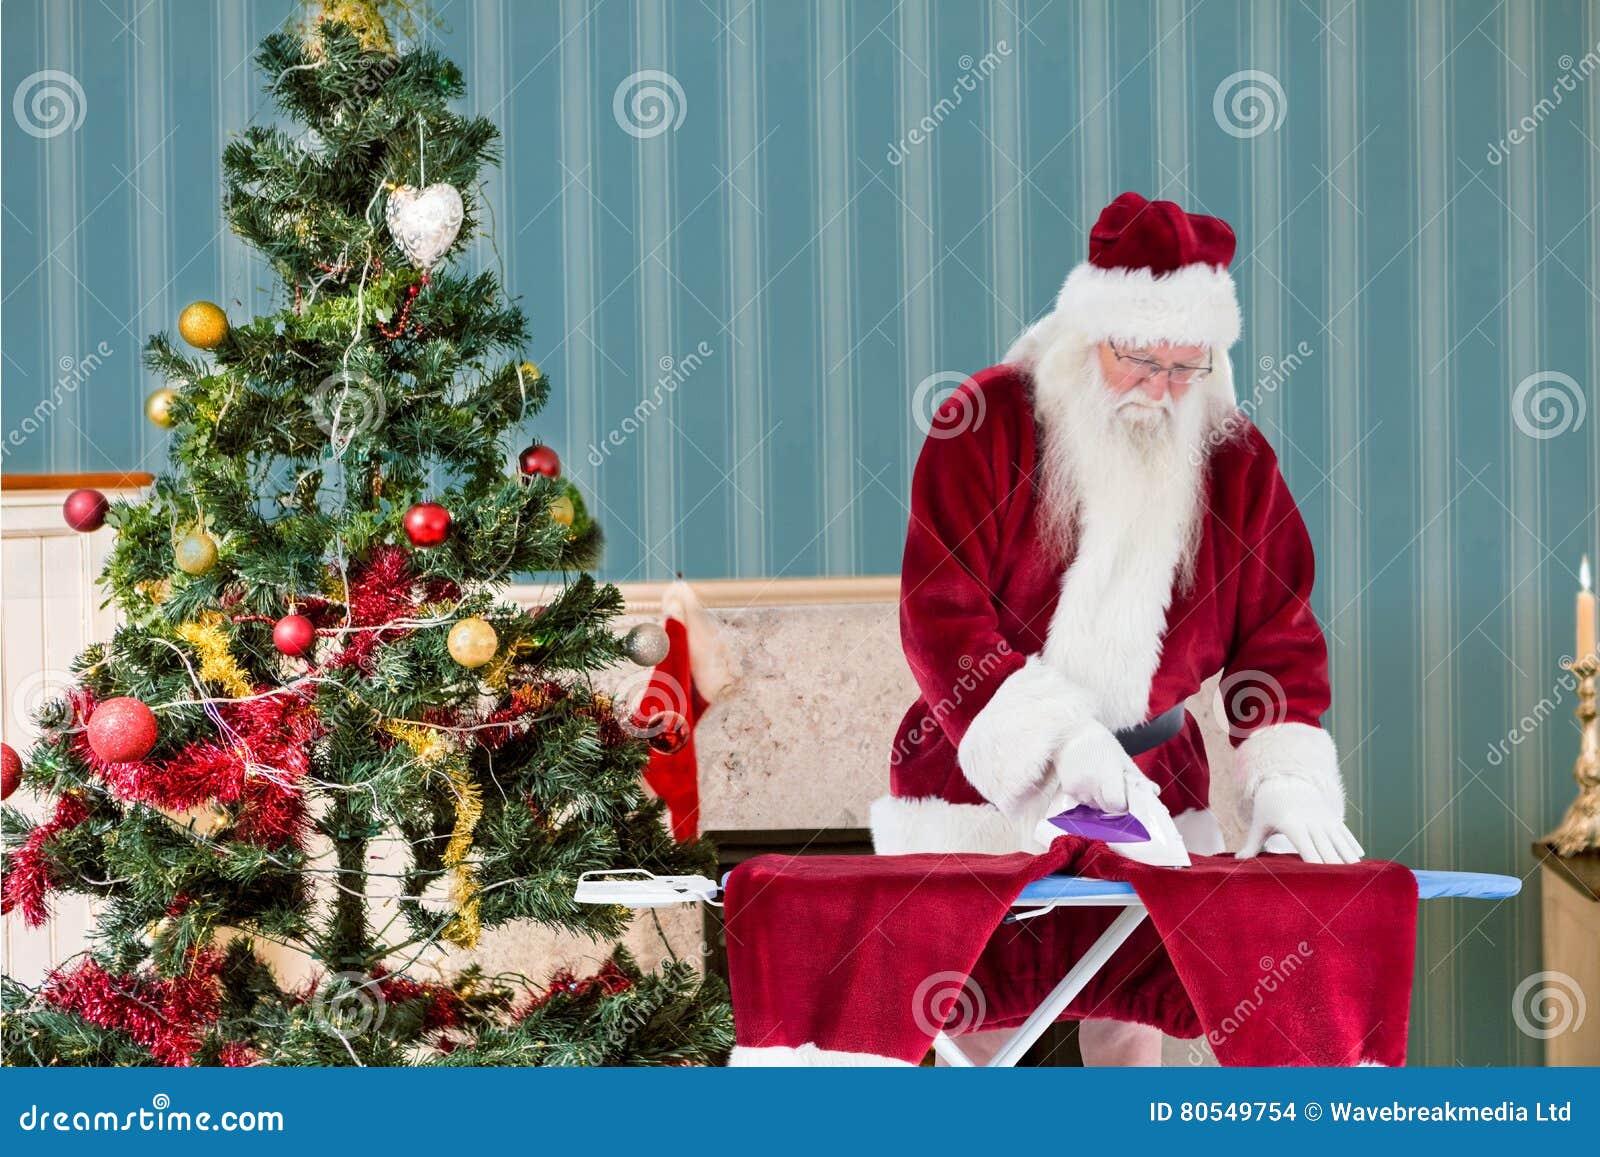 Santa claus ironing his clothes